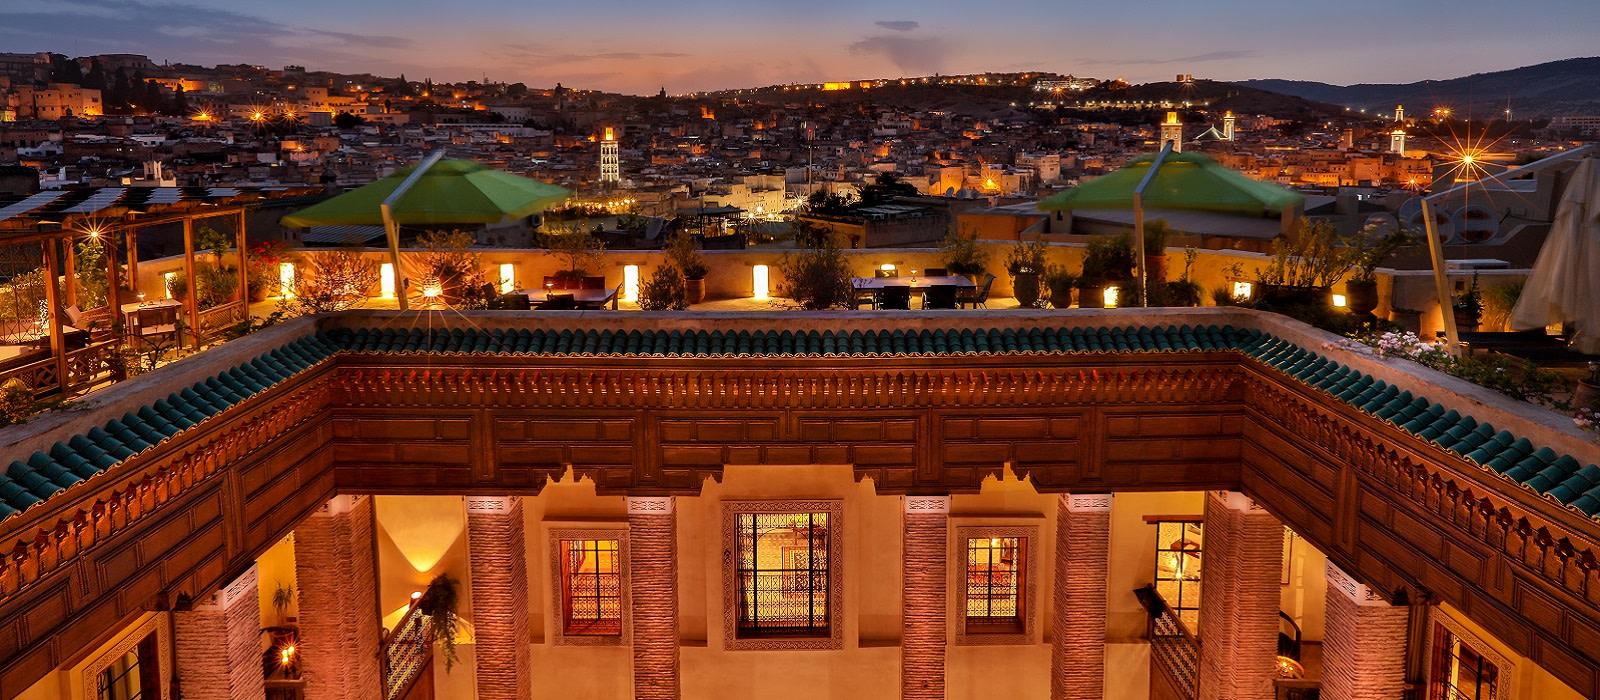 Hotel Karawan Riad Morocco